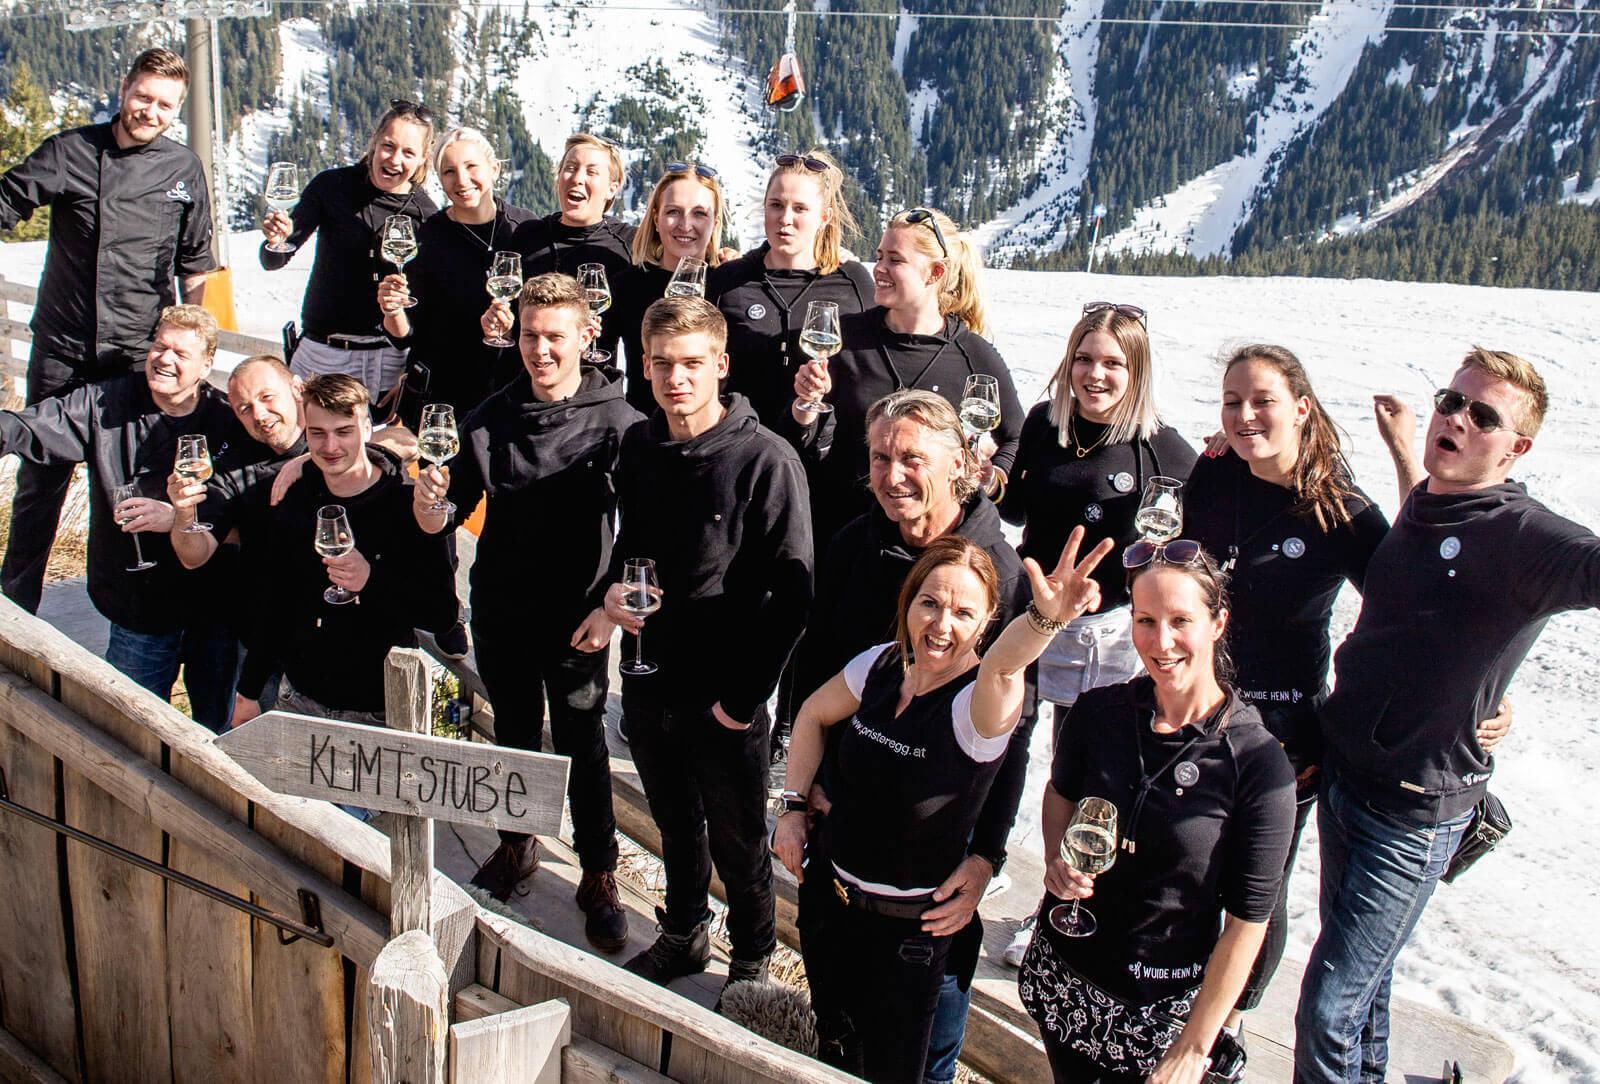 hendl-fischerei Team